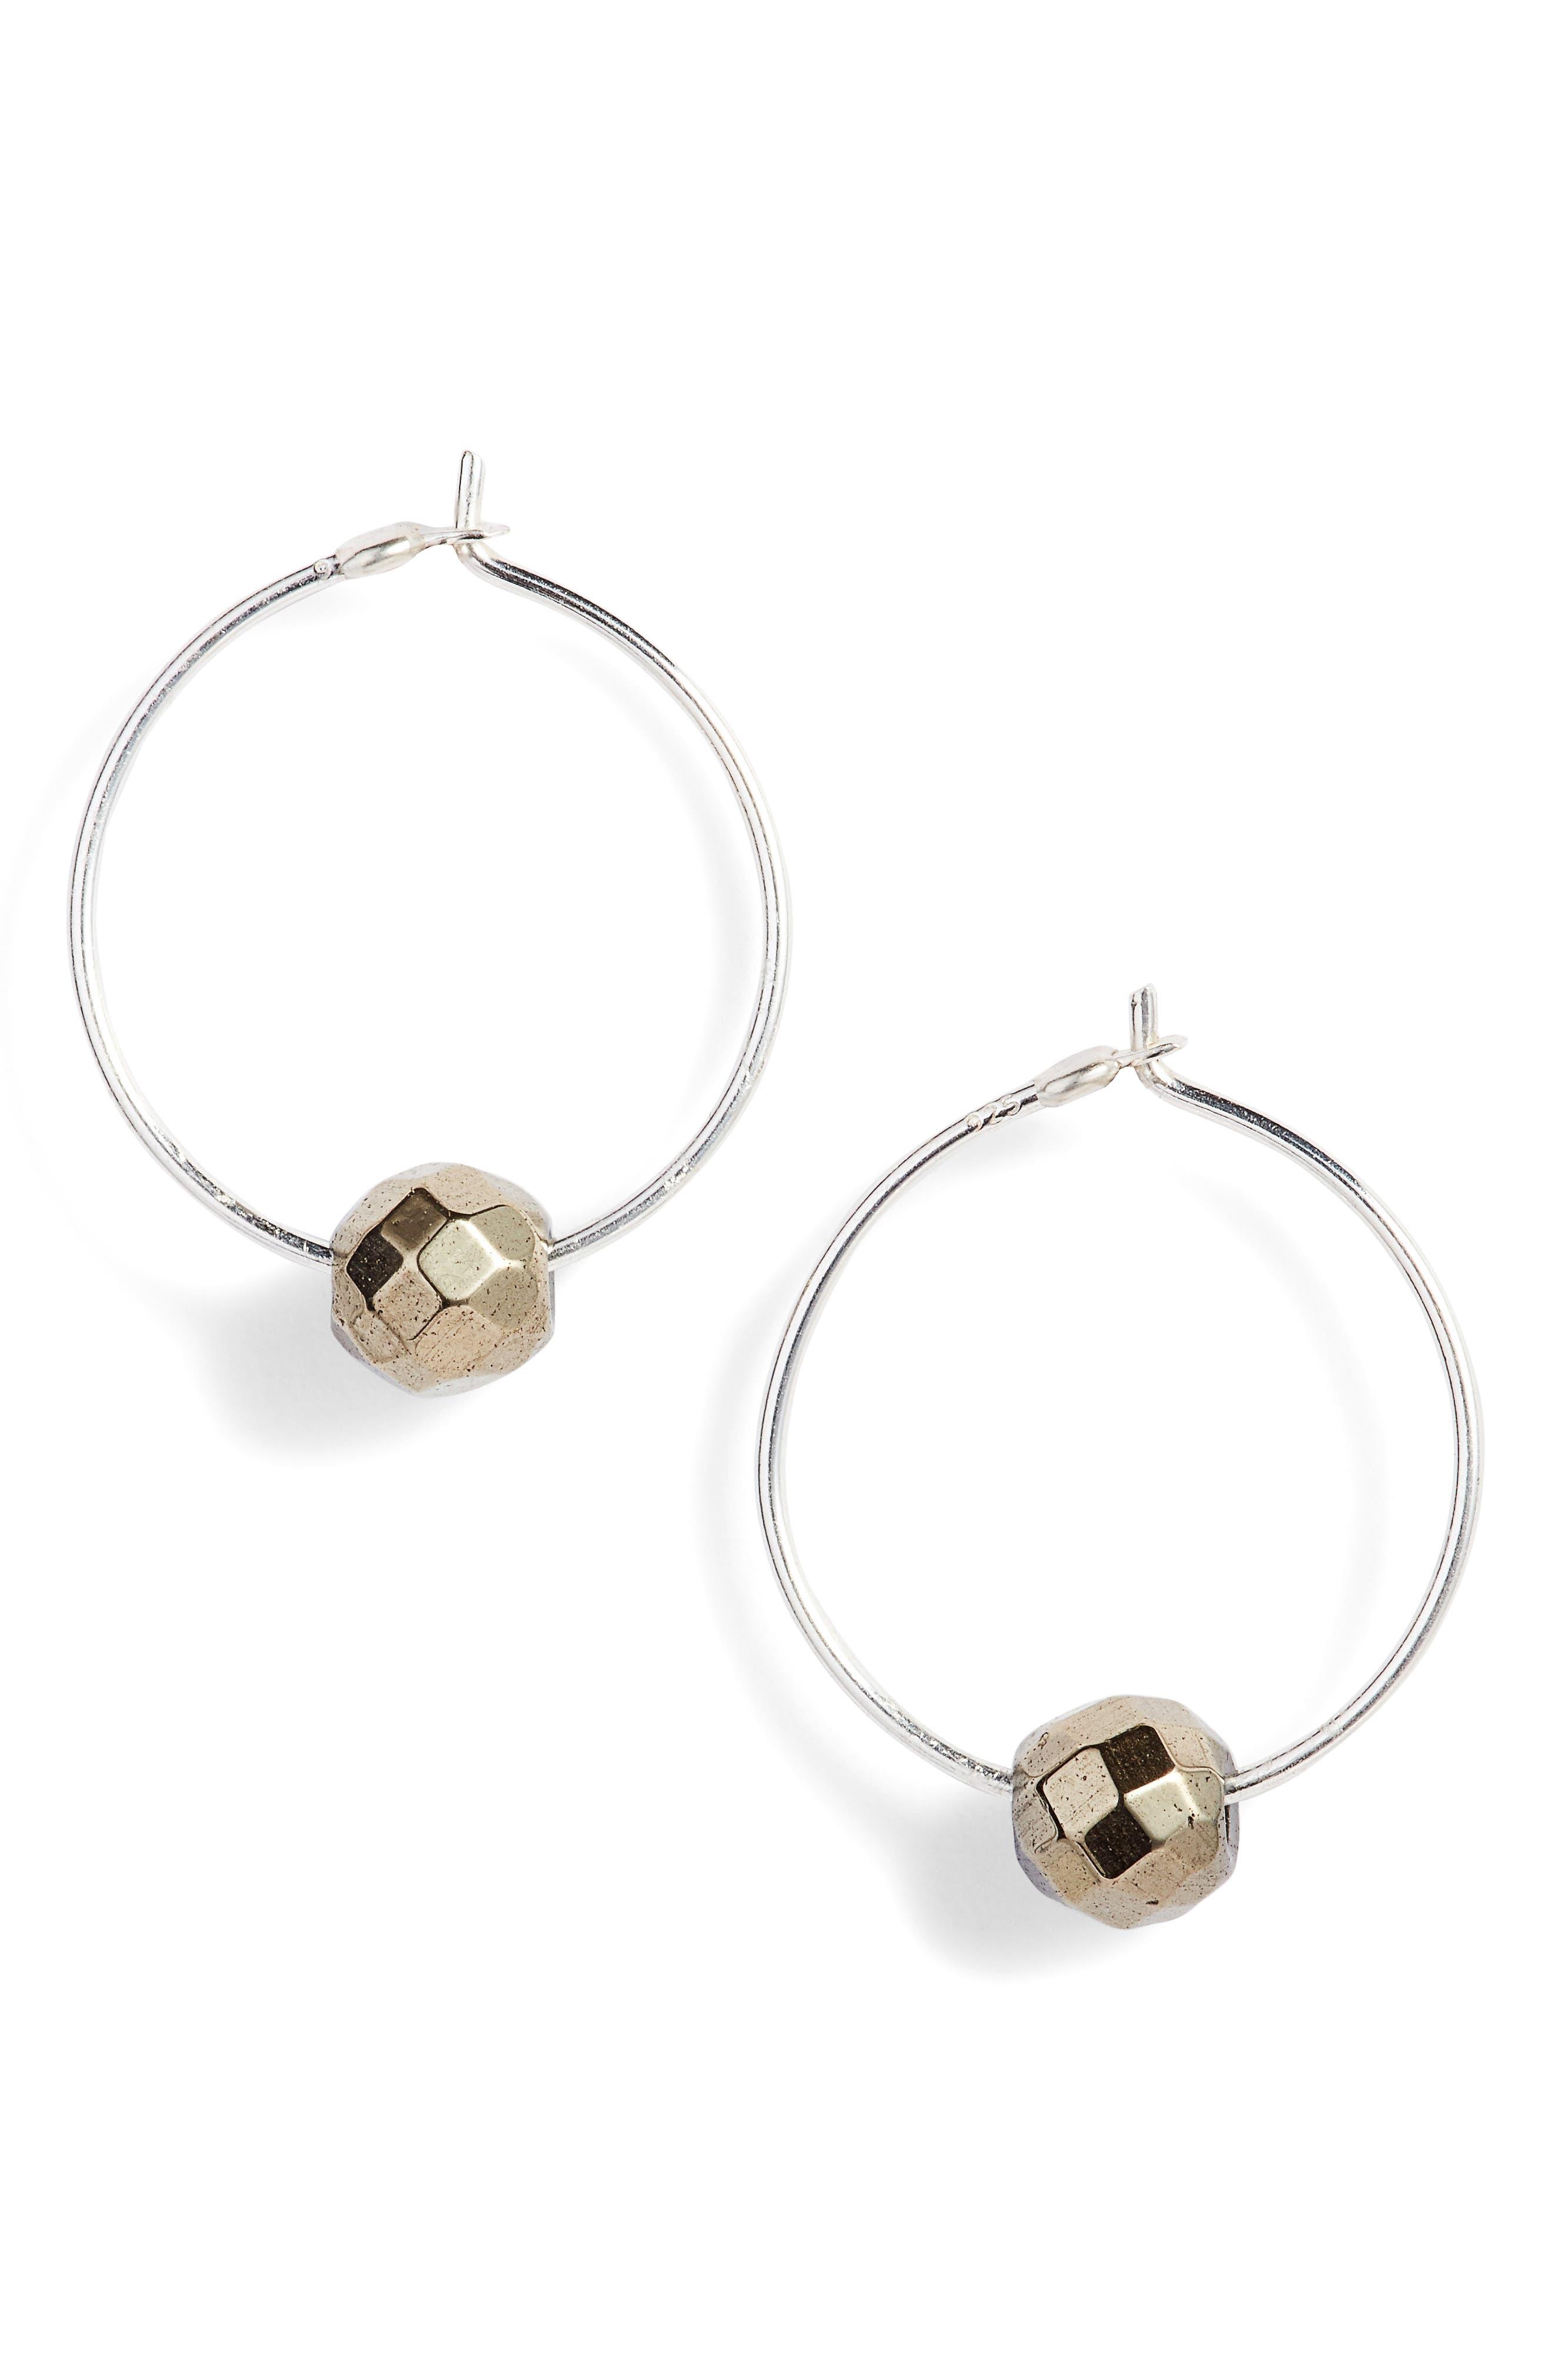 Labradorite Floating Hoop Earrings,                             Main thumbnail 1, color,                             041